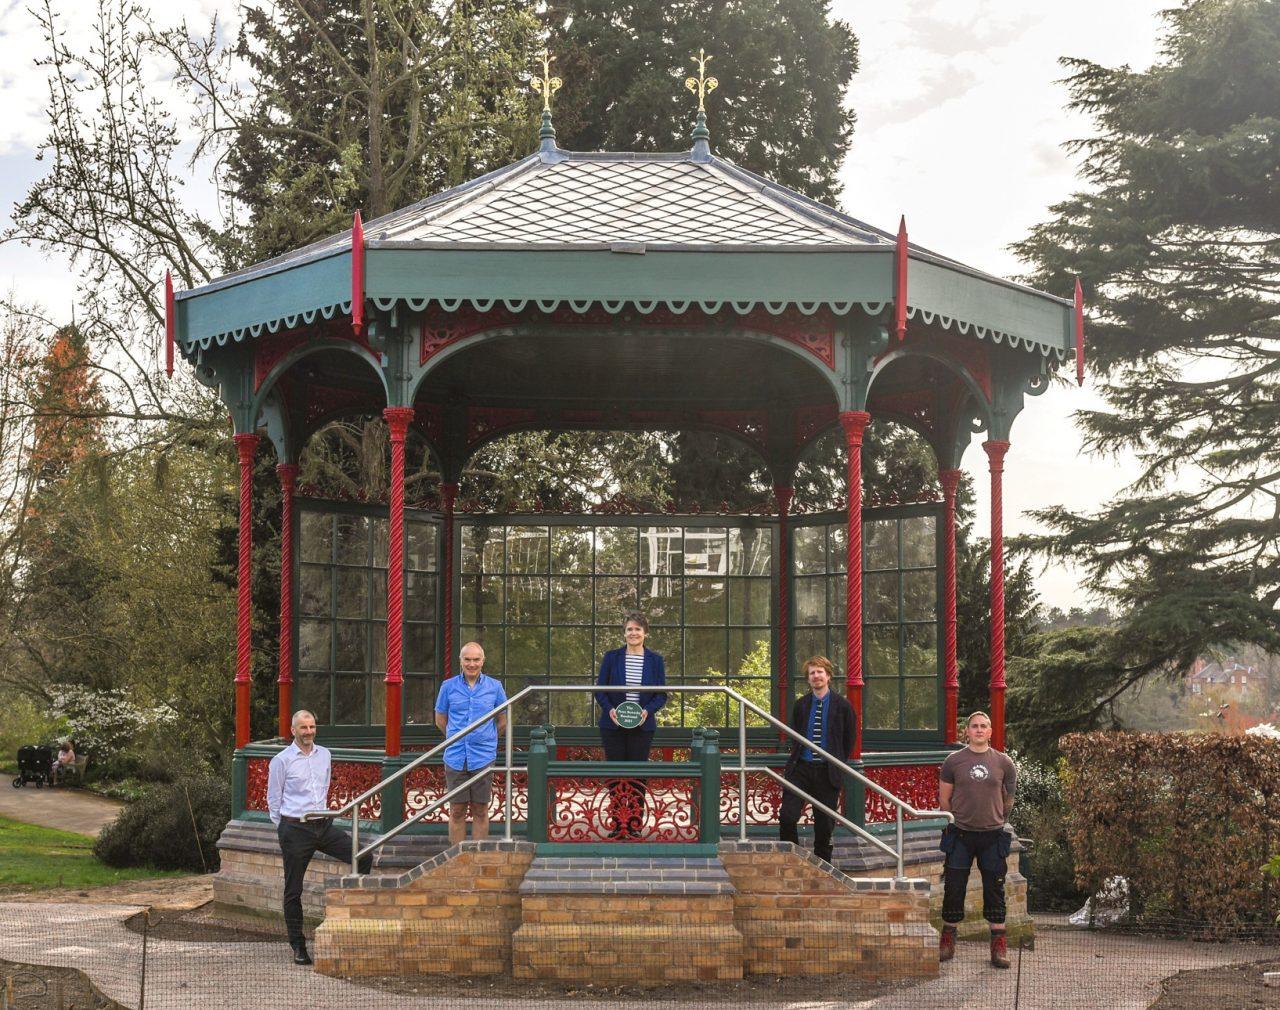 Restoration of Birmingham Botanical Gardens' historic bandstand complete